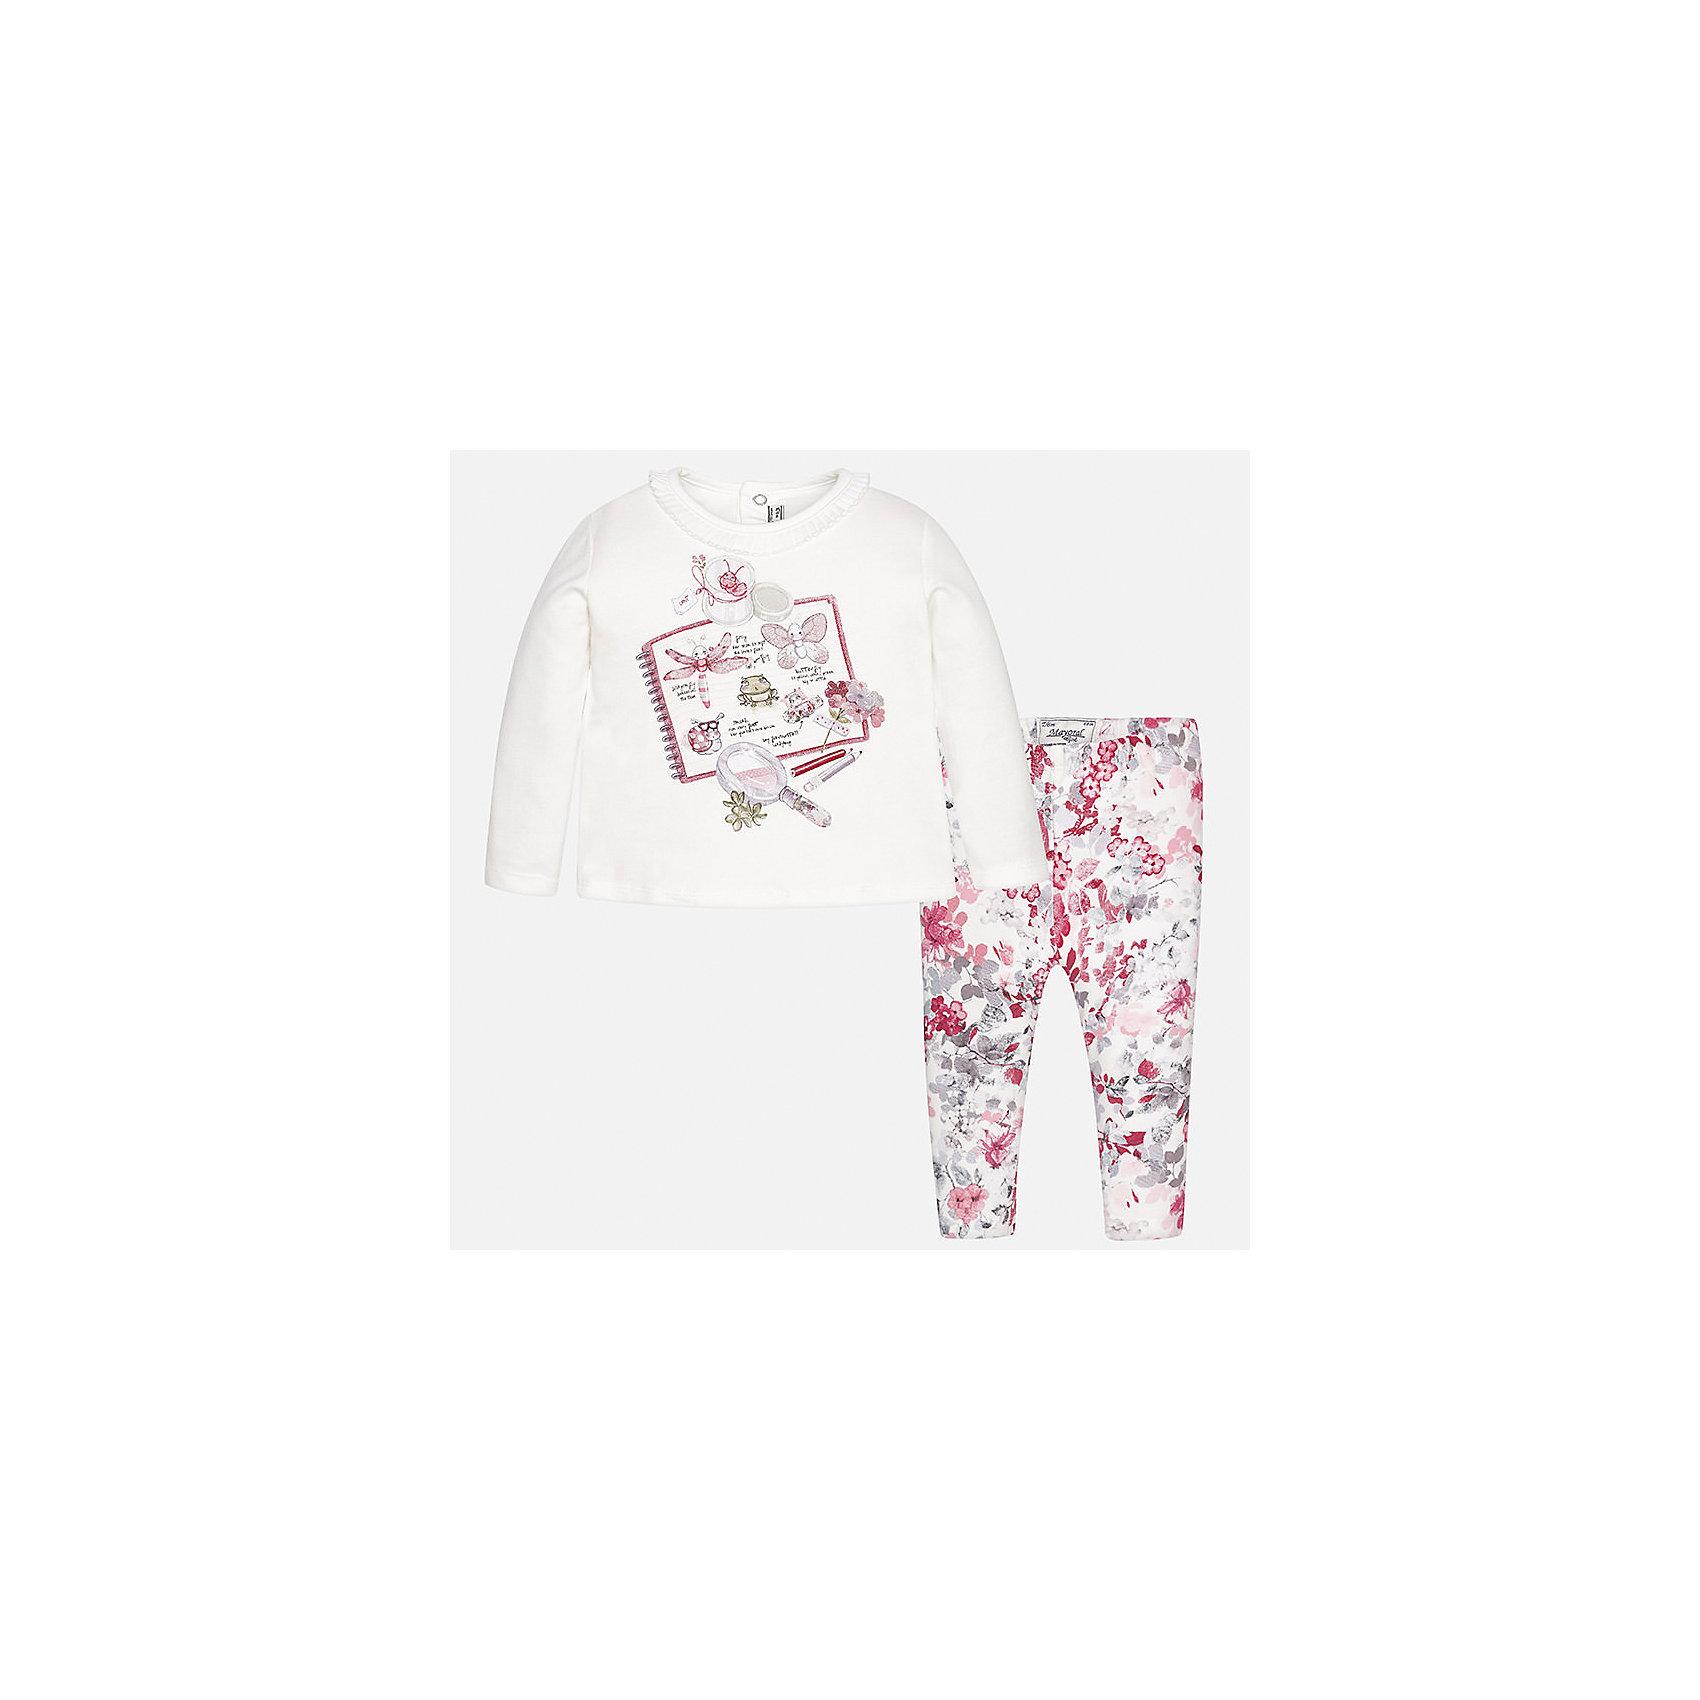 Комплект: футболка с длинным рукавом и леггинсы Mayoral для девочкиБлузки и рубашки<br>Характеристики товара:<br><br>• цвет: розовый<br>• состав ткани: 95% хлопок, 5% эластан<br>• комплект: лонгслив и леггинсы<br>• сезон: демисезон<br>• особенности: принт<br>• пояс: резинка<br>• длинные рукава<br>• застежка: кнопки<br>• страна бренда: Испания<br>• страна изготовитель: Индия<br><br>Такие лонгслив и леггинсы для девочки отлично сочетаются между собой, а также с другими вещами. Такой практичный и модный детский комплект из лонгслива и леггинсов для девочки подойдет для любых мероприятий. Детские леггинсы сшиты из приятного на ощупь материала. Лонгслив для девочки Mayoral удобно сидит по фигуре. <br><br>Комплект: лонгслив и леггинсы для девочкиMayoral (Майорал) можно купить в нашем интернет-магазине.<br><br>Ширина мм: 123<br>Глубина мм: 10<br>Высота мм: 149<br>Вес г: 209<br>Цвет: красный<br>Возраст от месяцев: 24<br>Возраст до месяцев: 36<br>Пол: Женский<br>Возраст: Детский<br>Размер: 98,74,80,86,92<br>SKU: 6920428